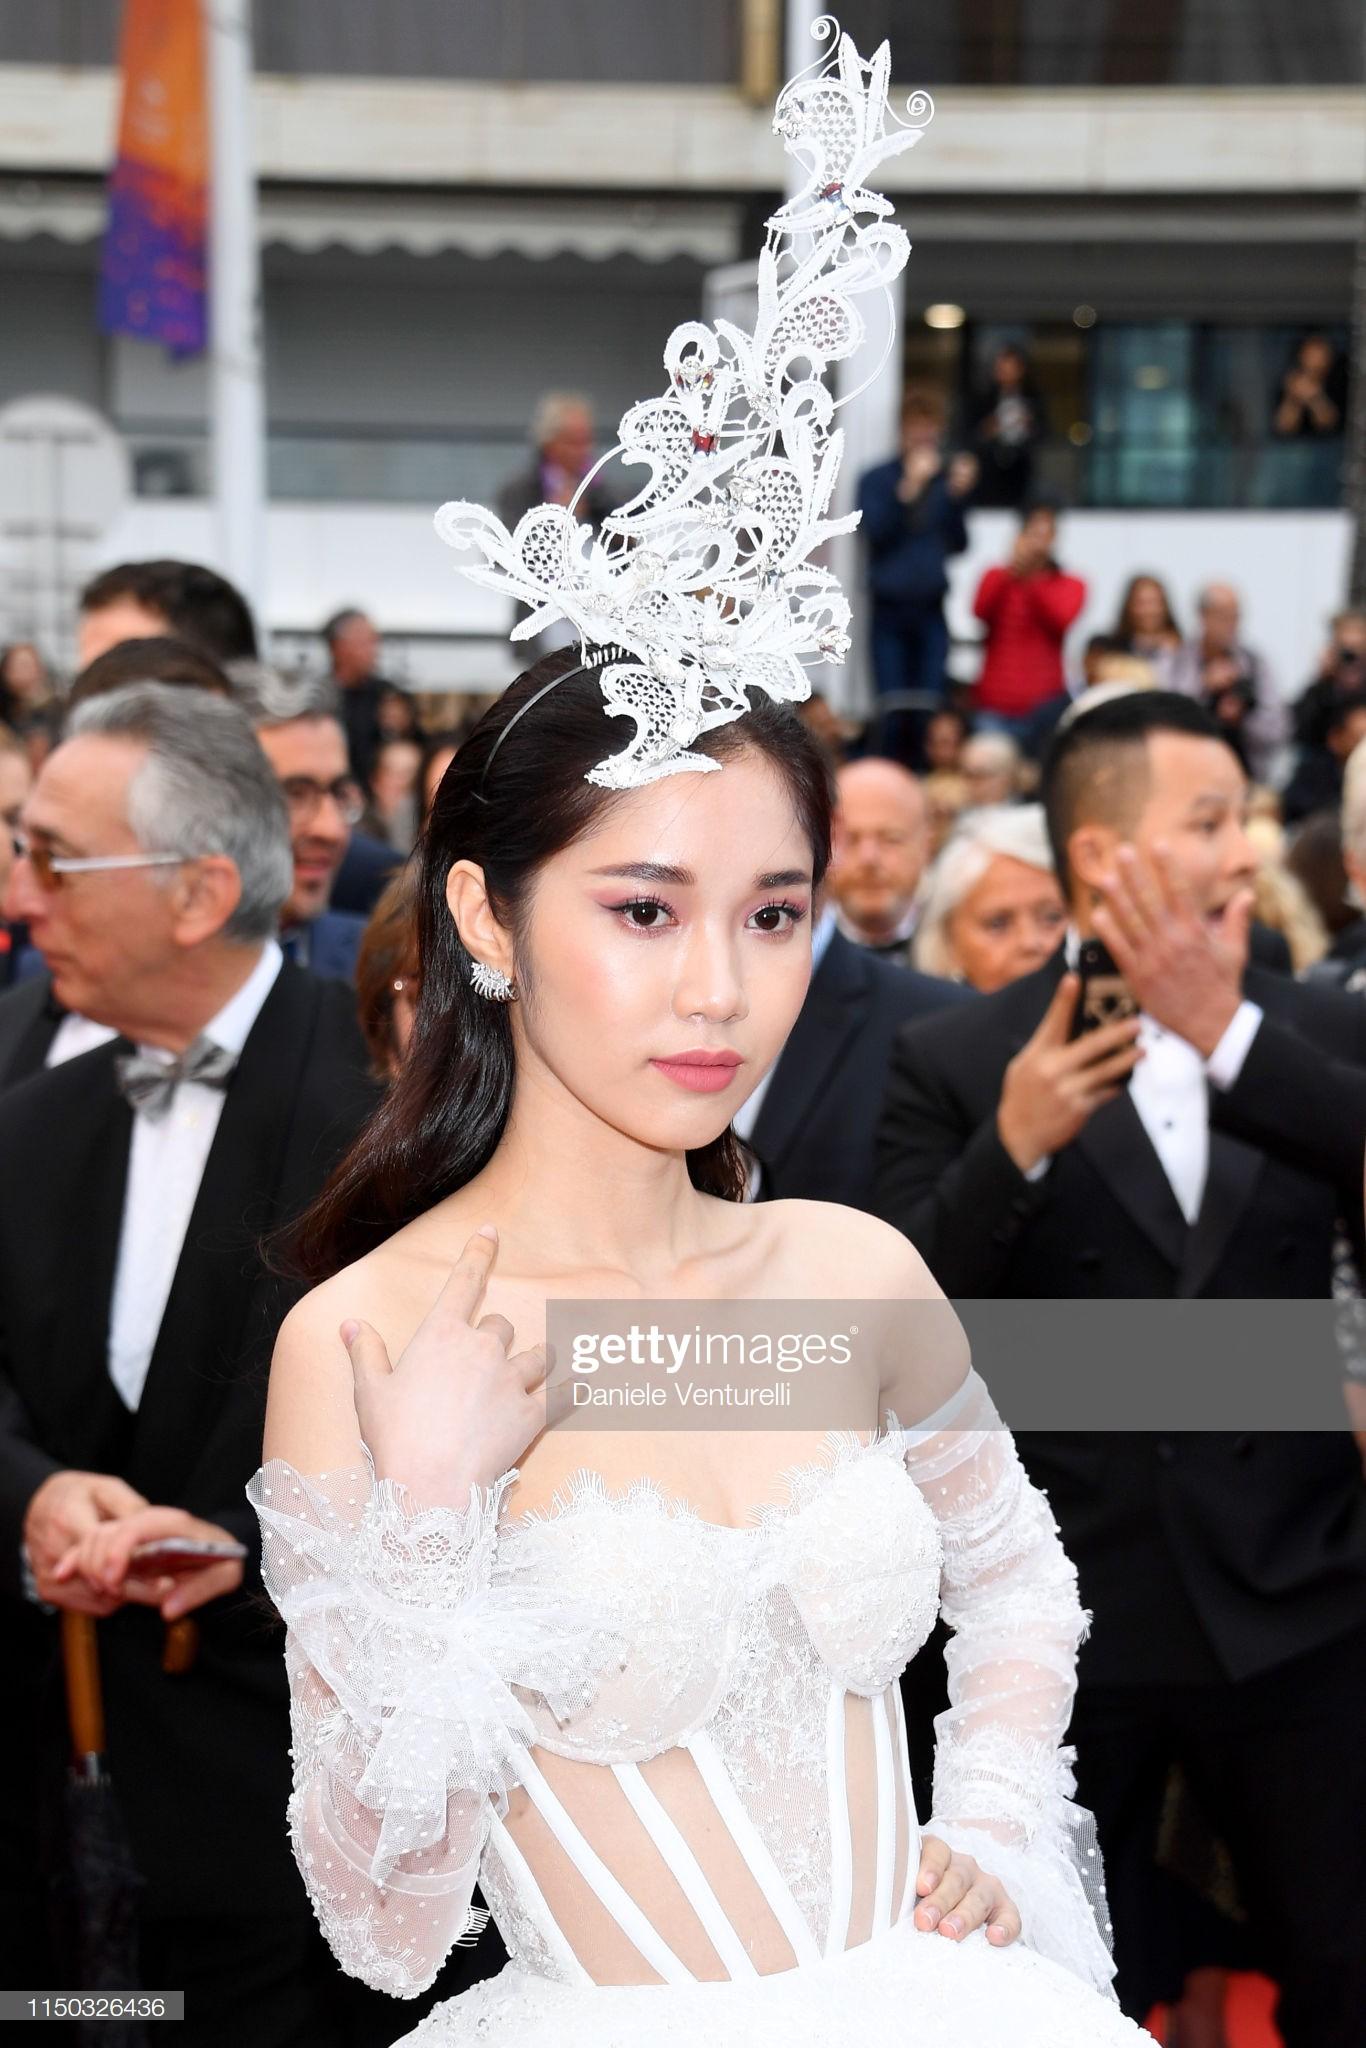 Thêm mỹ nhân Việt xuất hiện tại Cannes: Ăn mặc diêm dúa, cố tình chơi trội, hoá ra là người quen của Ngọc Trinh - Ảnh 3.